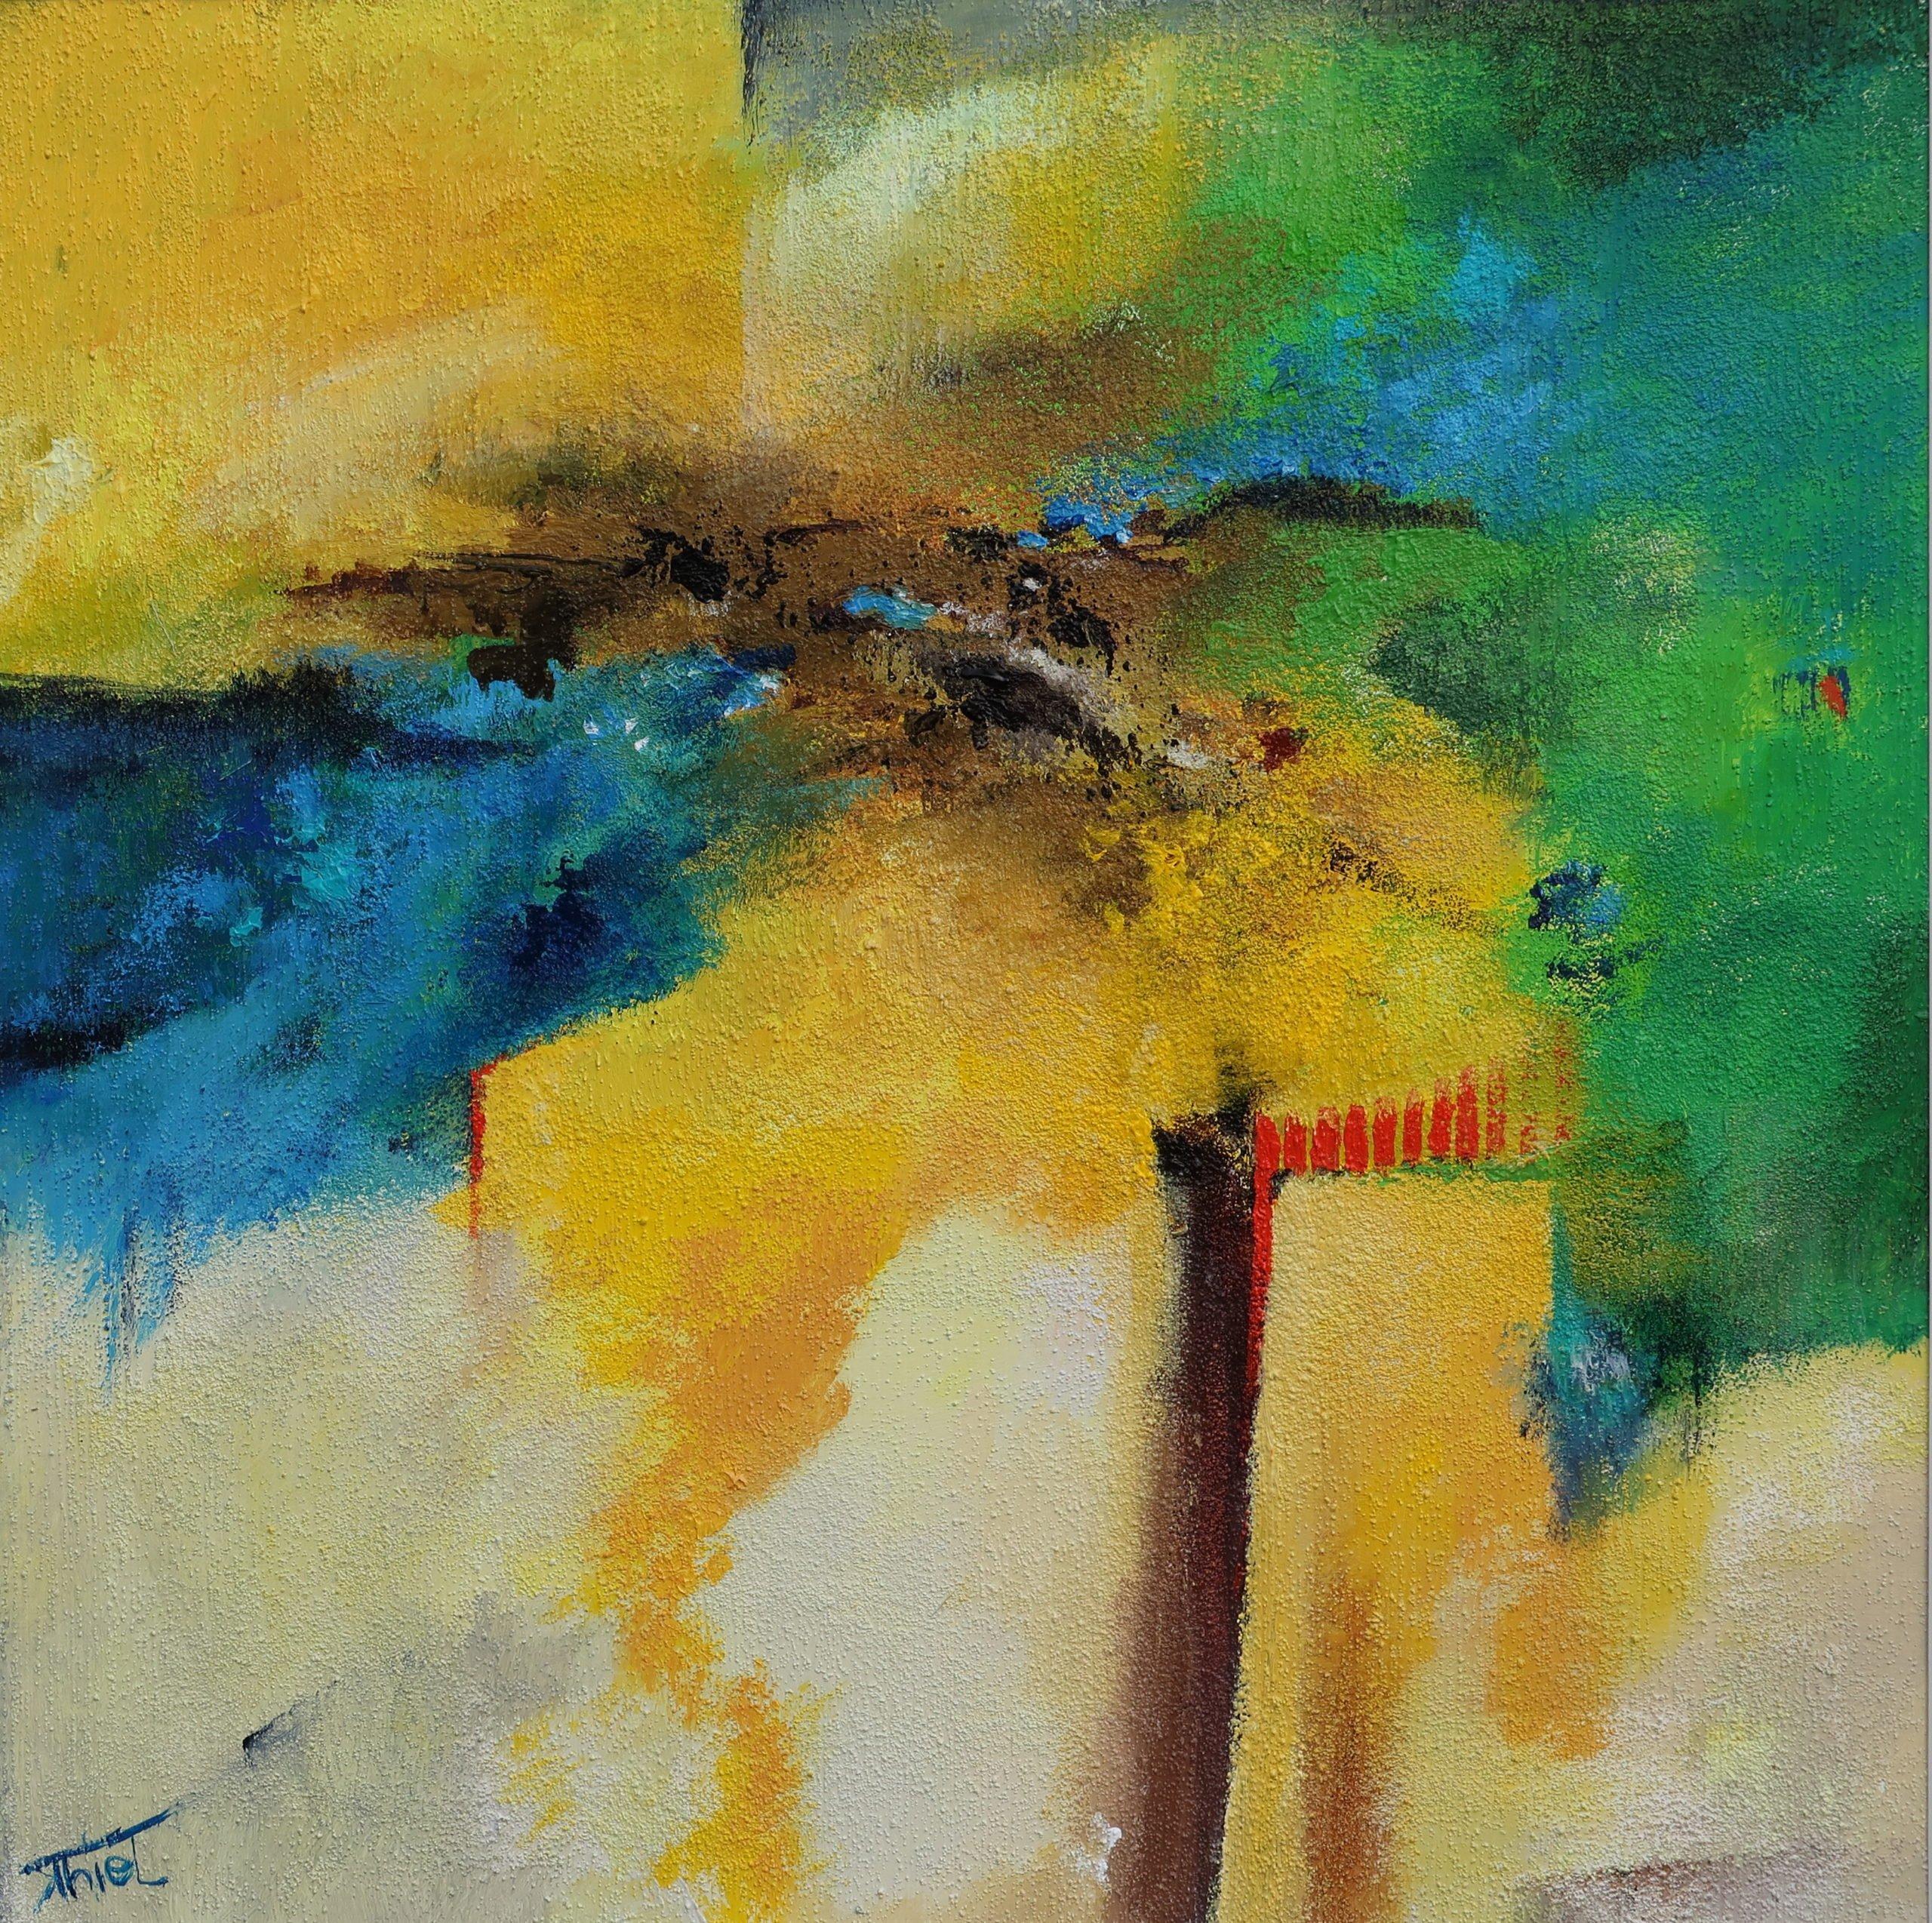 Klaudia Thiel | Erinnerungsräume | Mischtechnik auf Karton | 40 x 40 cm | 2019